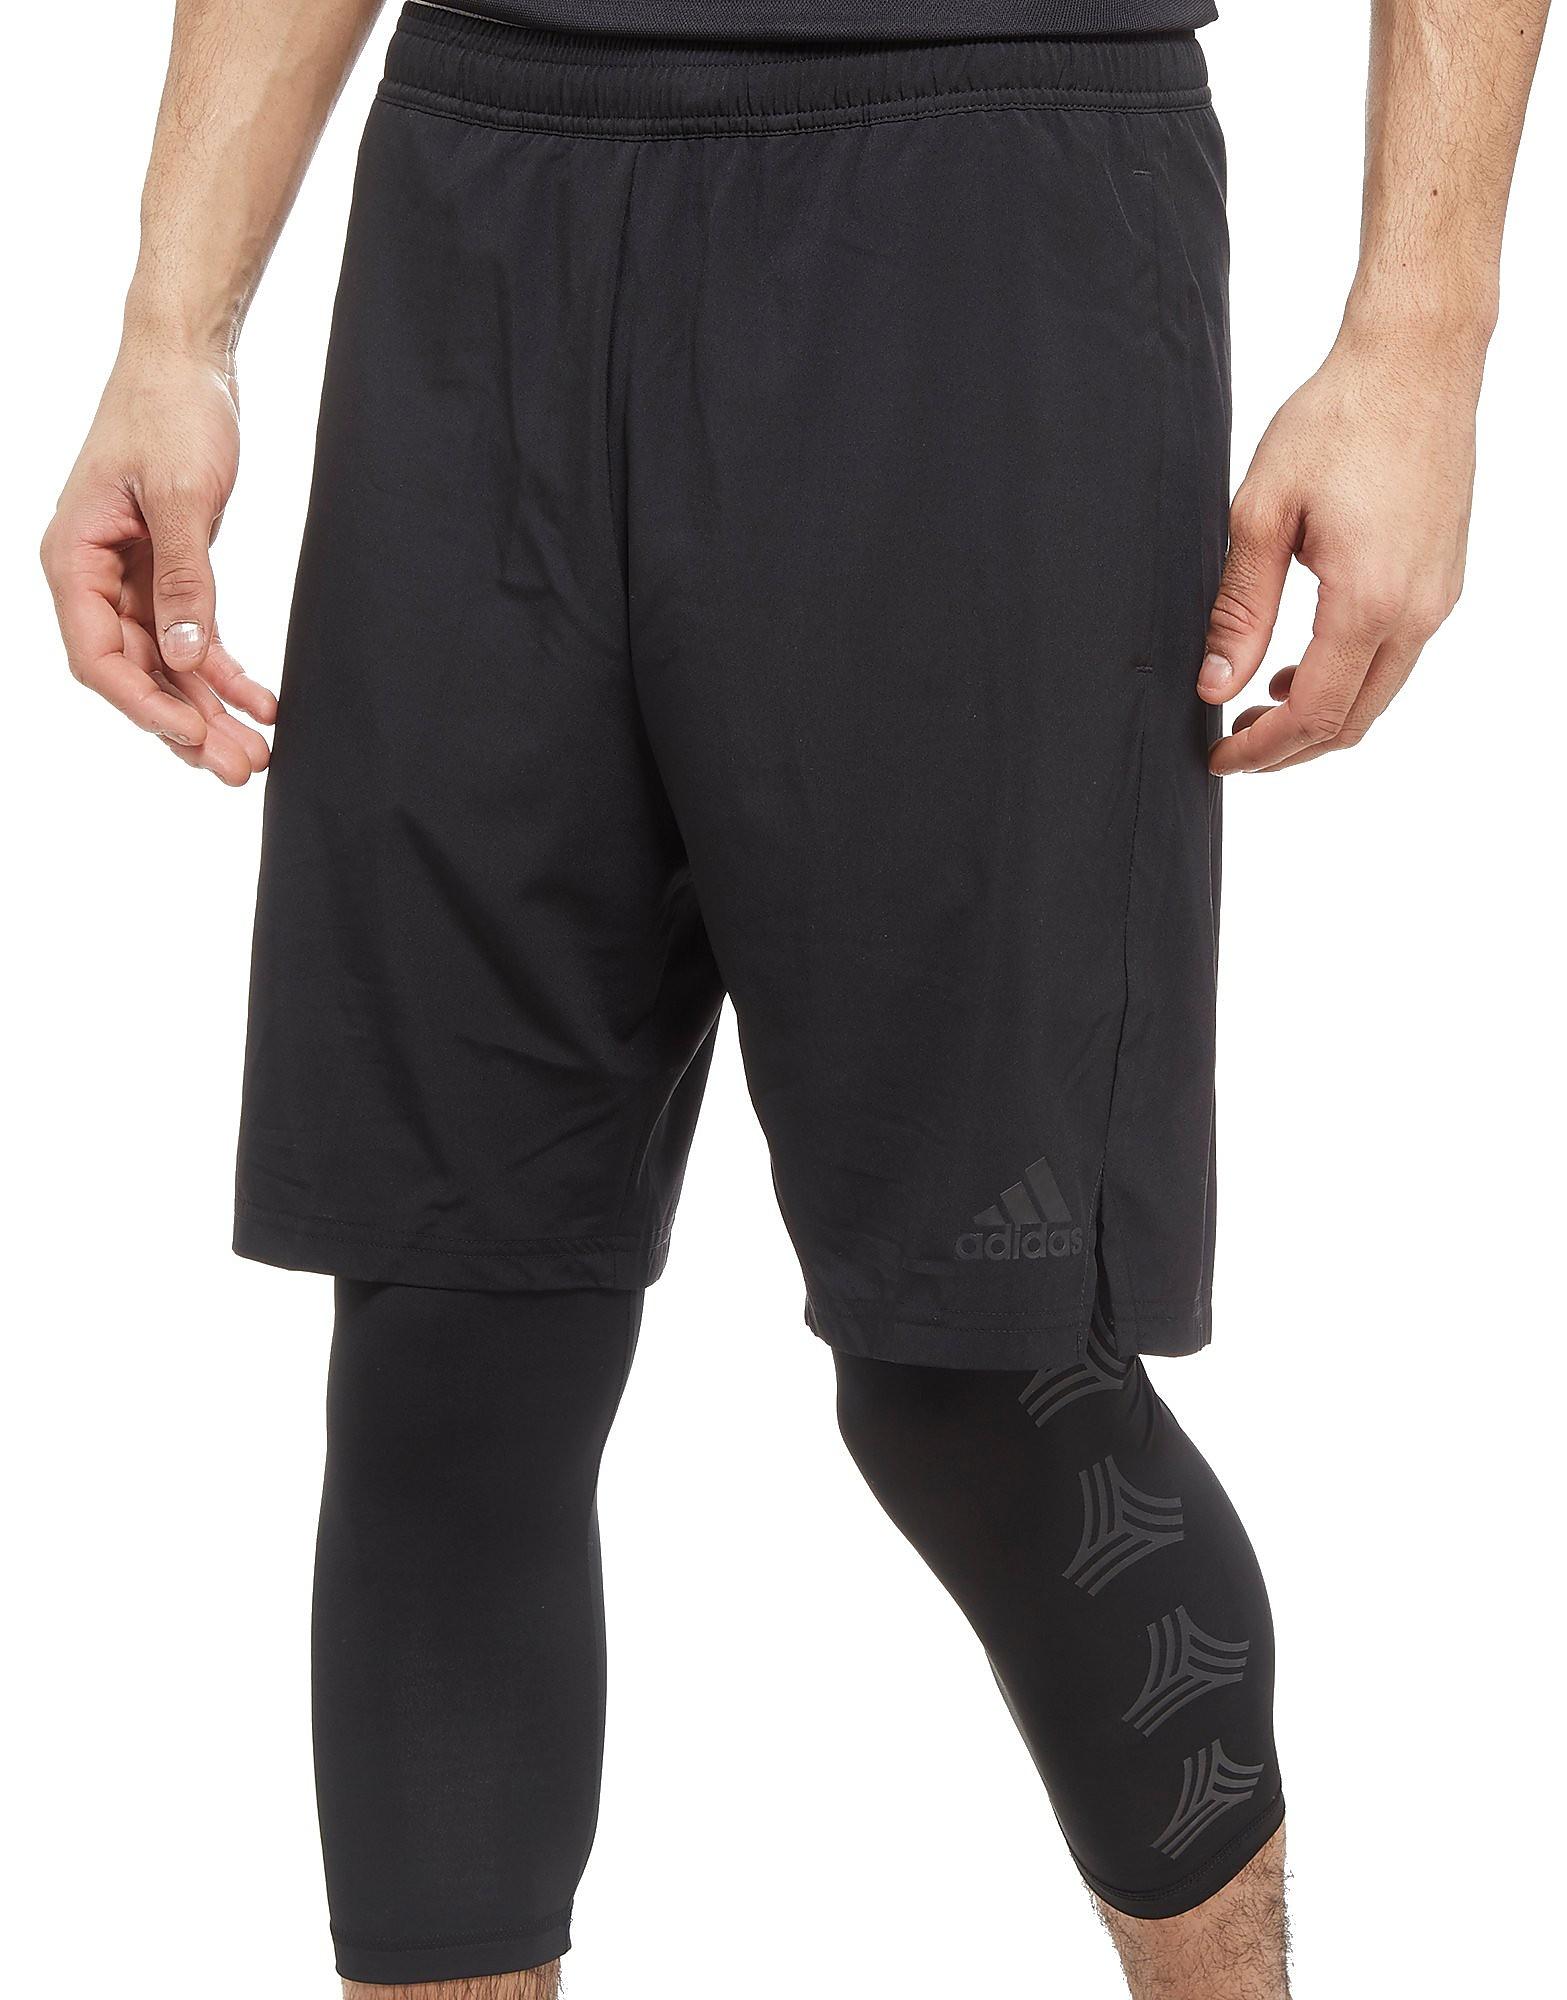 adidas Tango Shorts and Tights